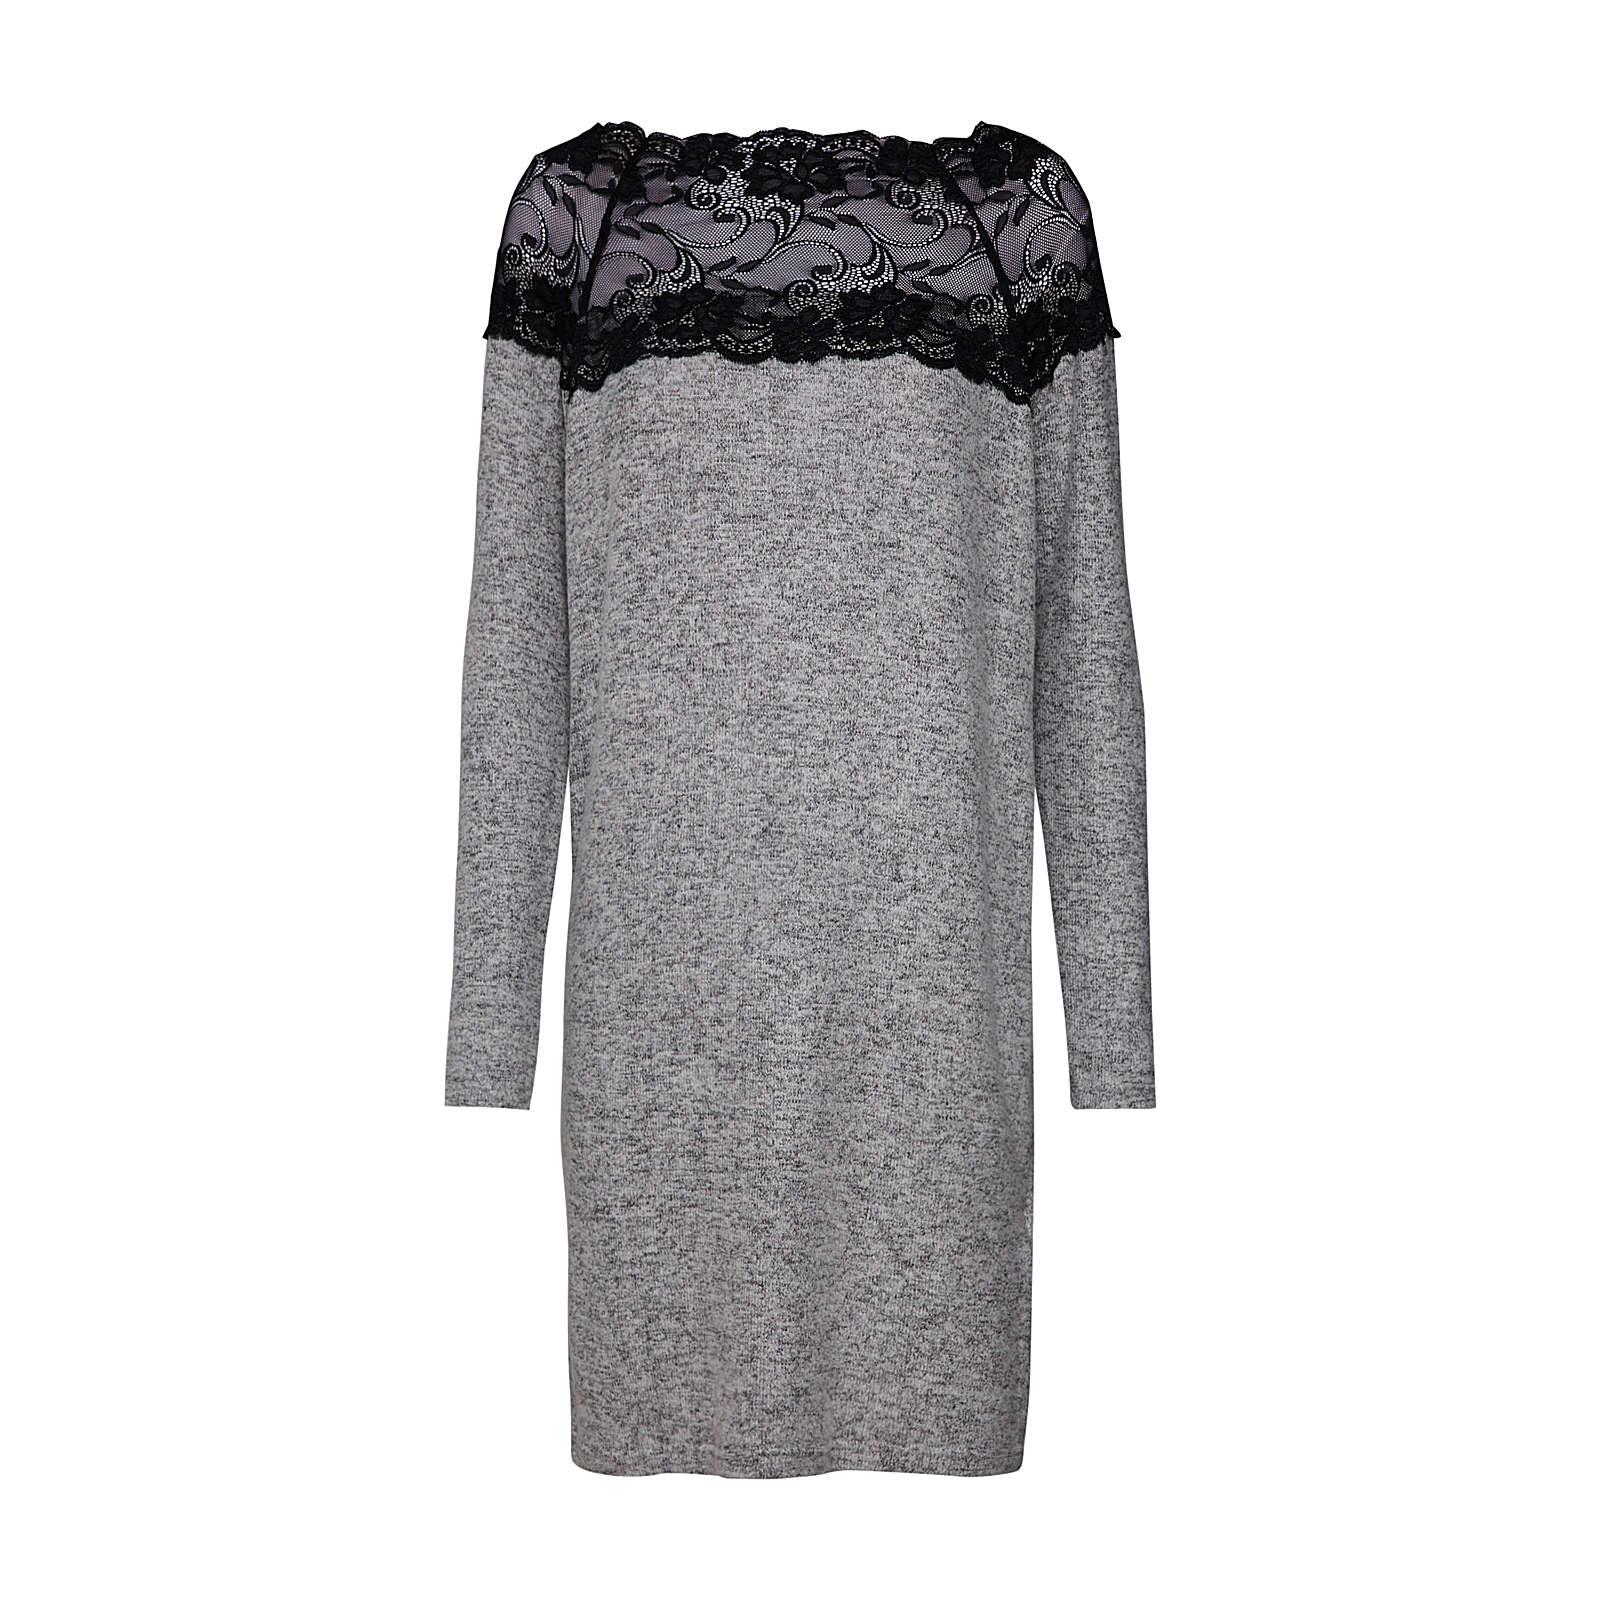 VERO MODA Kleid VMCIMA LACE LS DRESS Sommerkleider hellgrau Damen Gr. 34